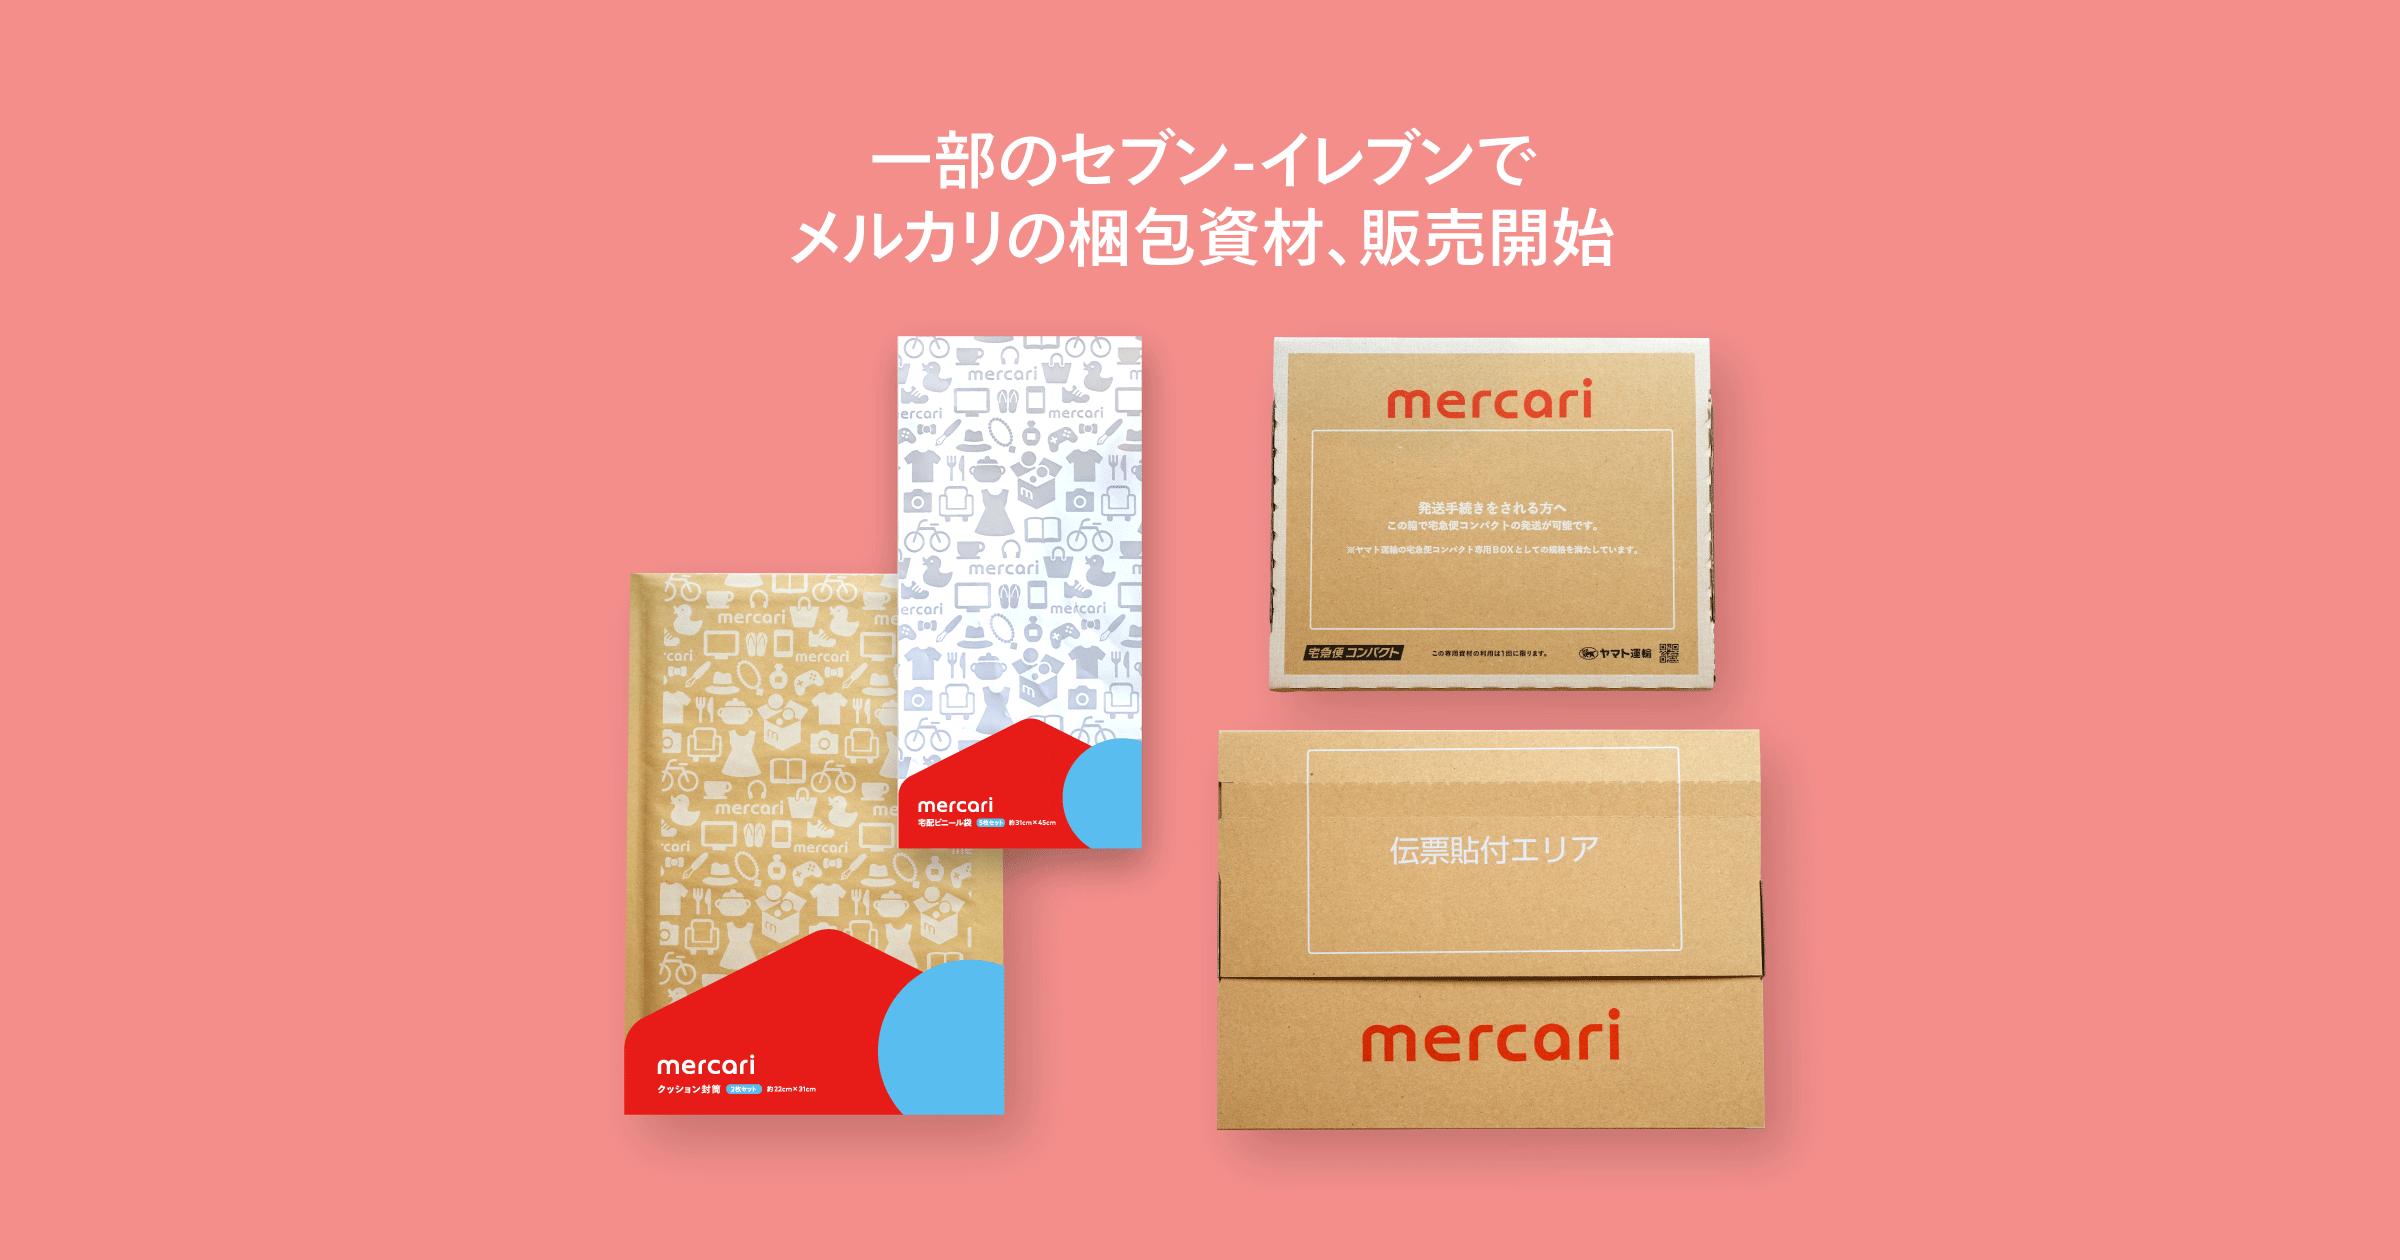 山梨県・兵庫県内のセブン-イレブン一部店舗でメルカリの梱包資材のテスト販売を開始しました